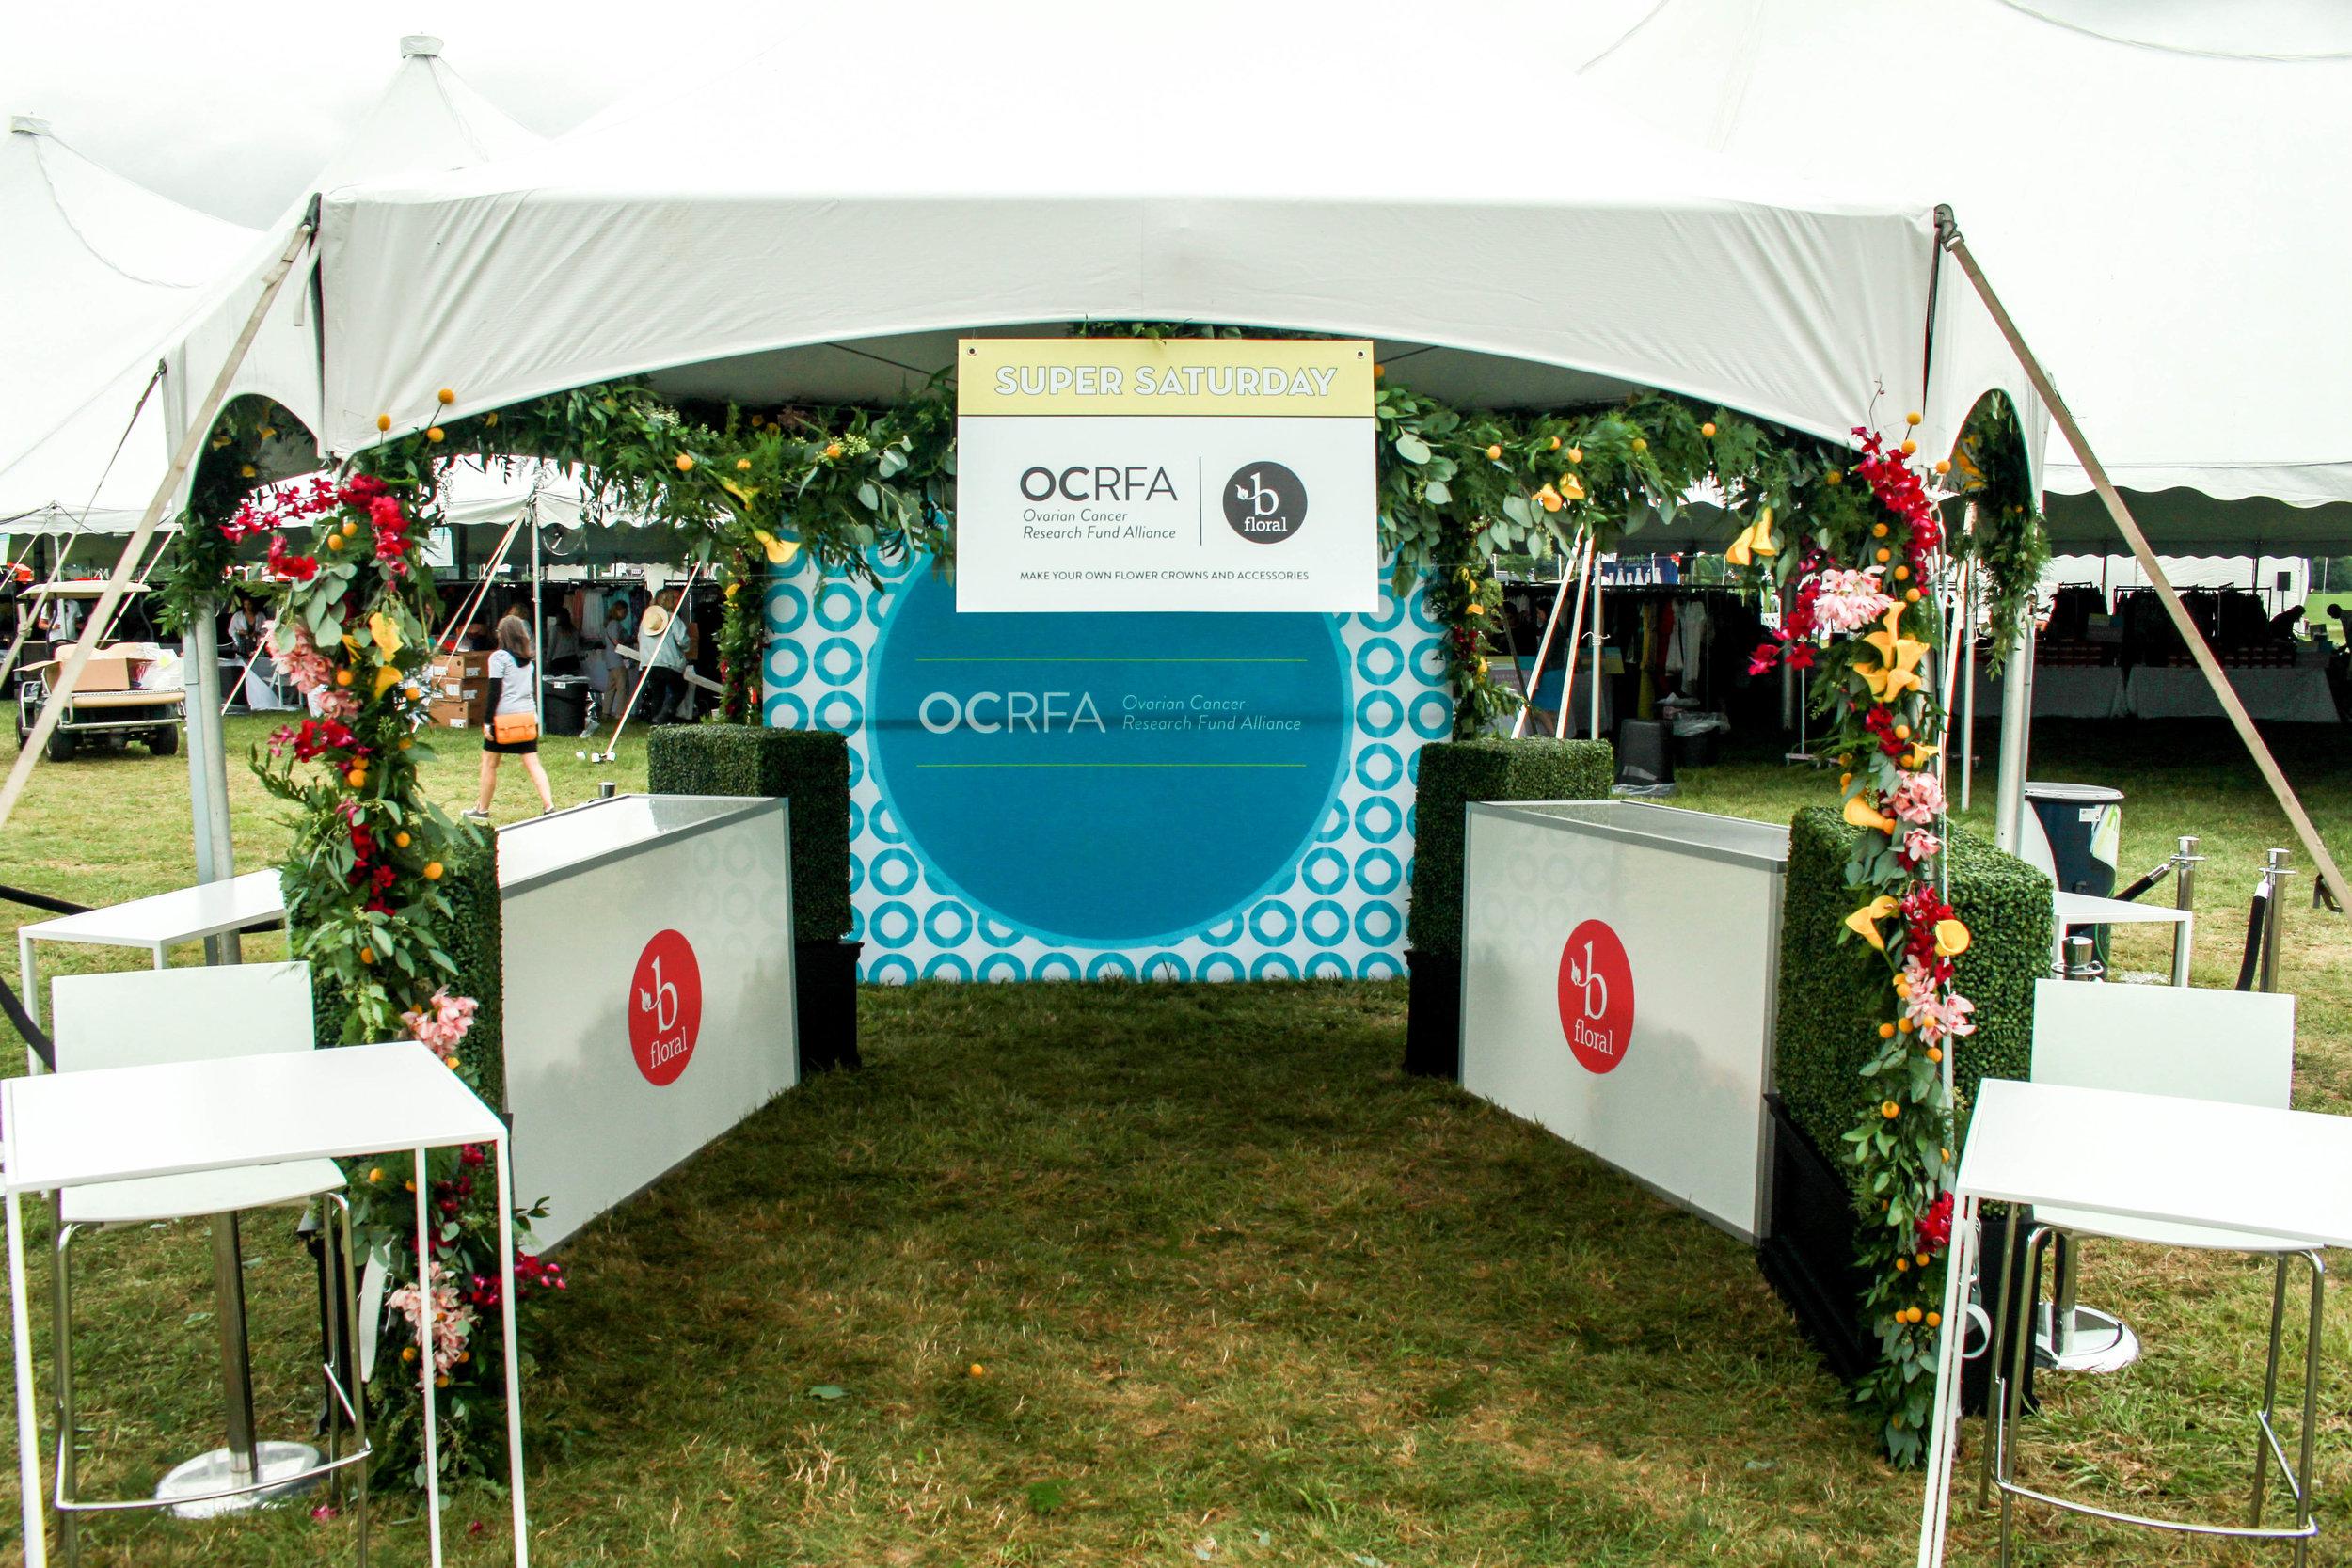 OCRFA - OCRA - SUPER SATURDAY - THE HAMPTONS - B FLORAL